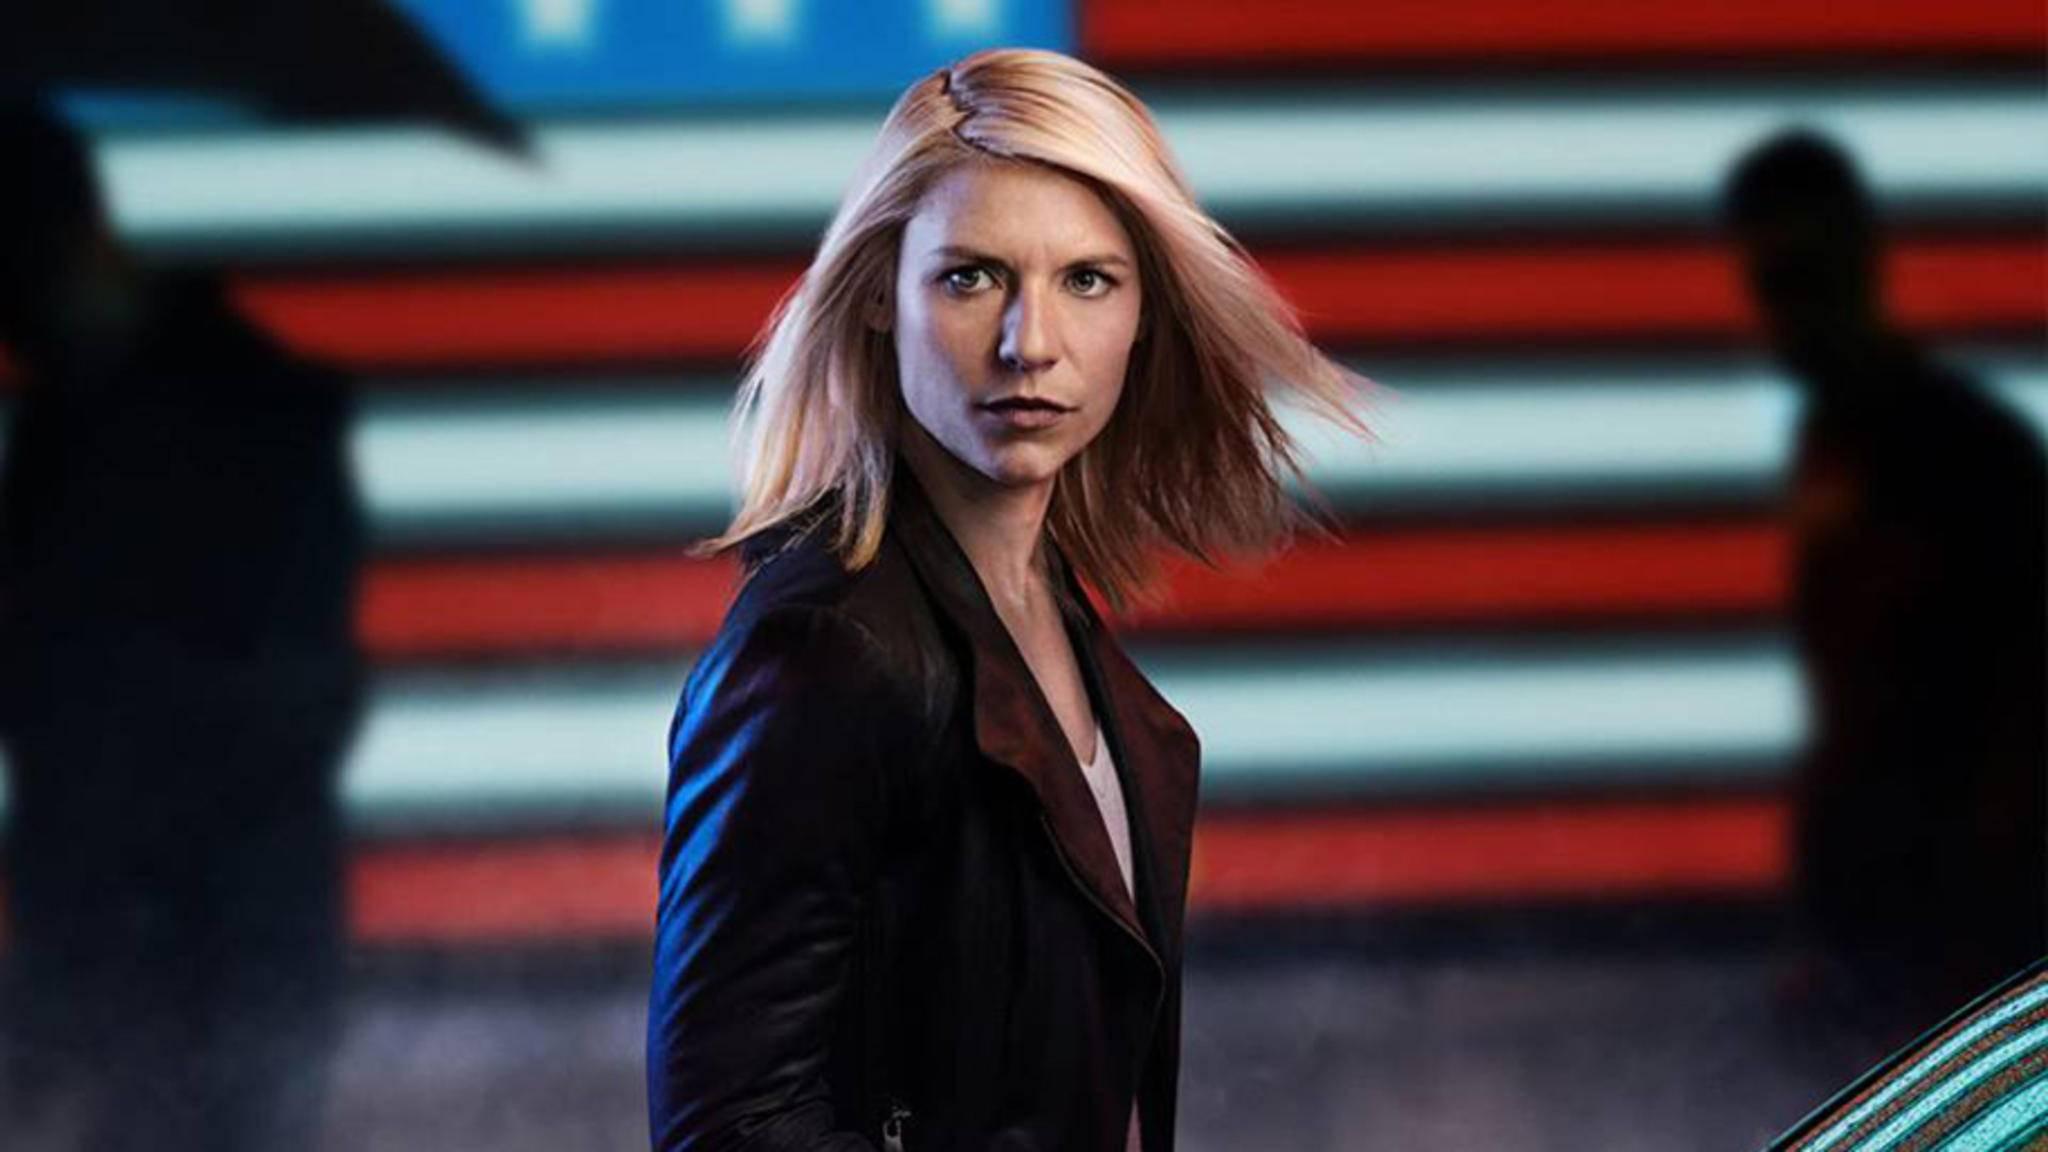 """Die finalen beiden Staffeln von """"Homeland"""" könnte Carrie außerhalb der USA verbringen."""